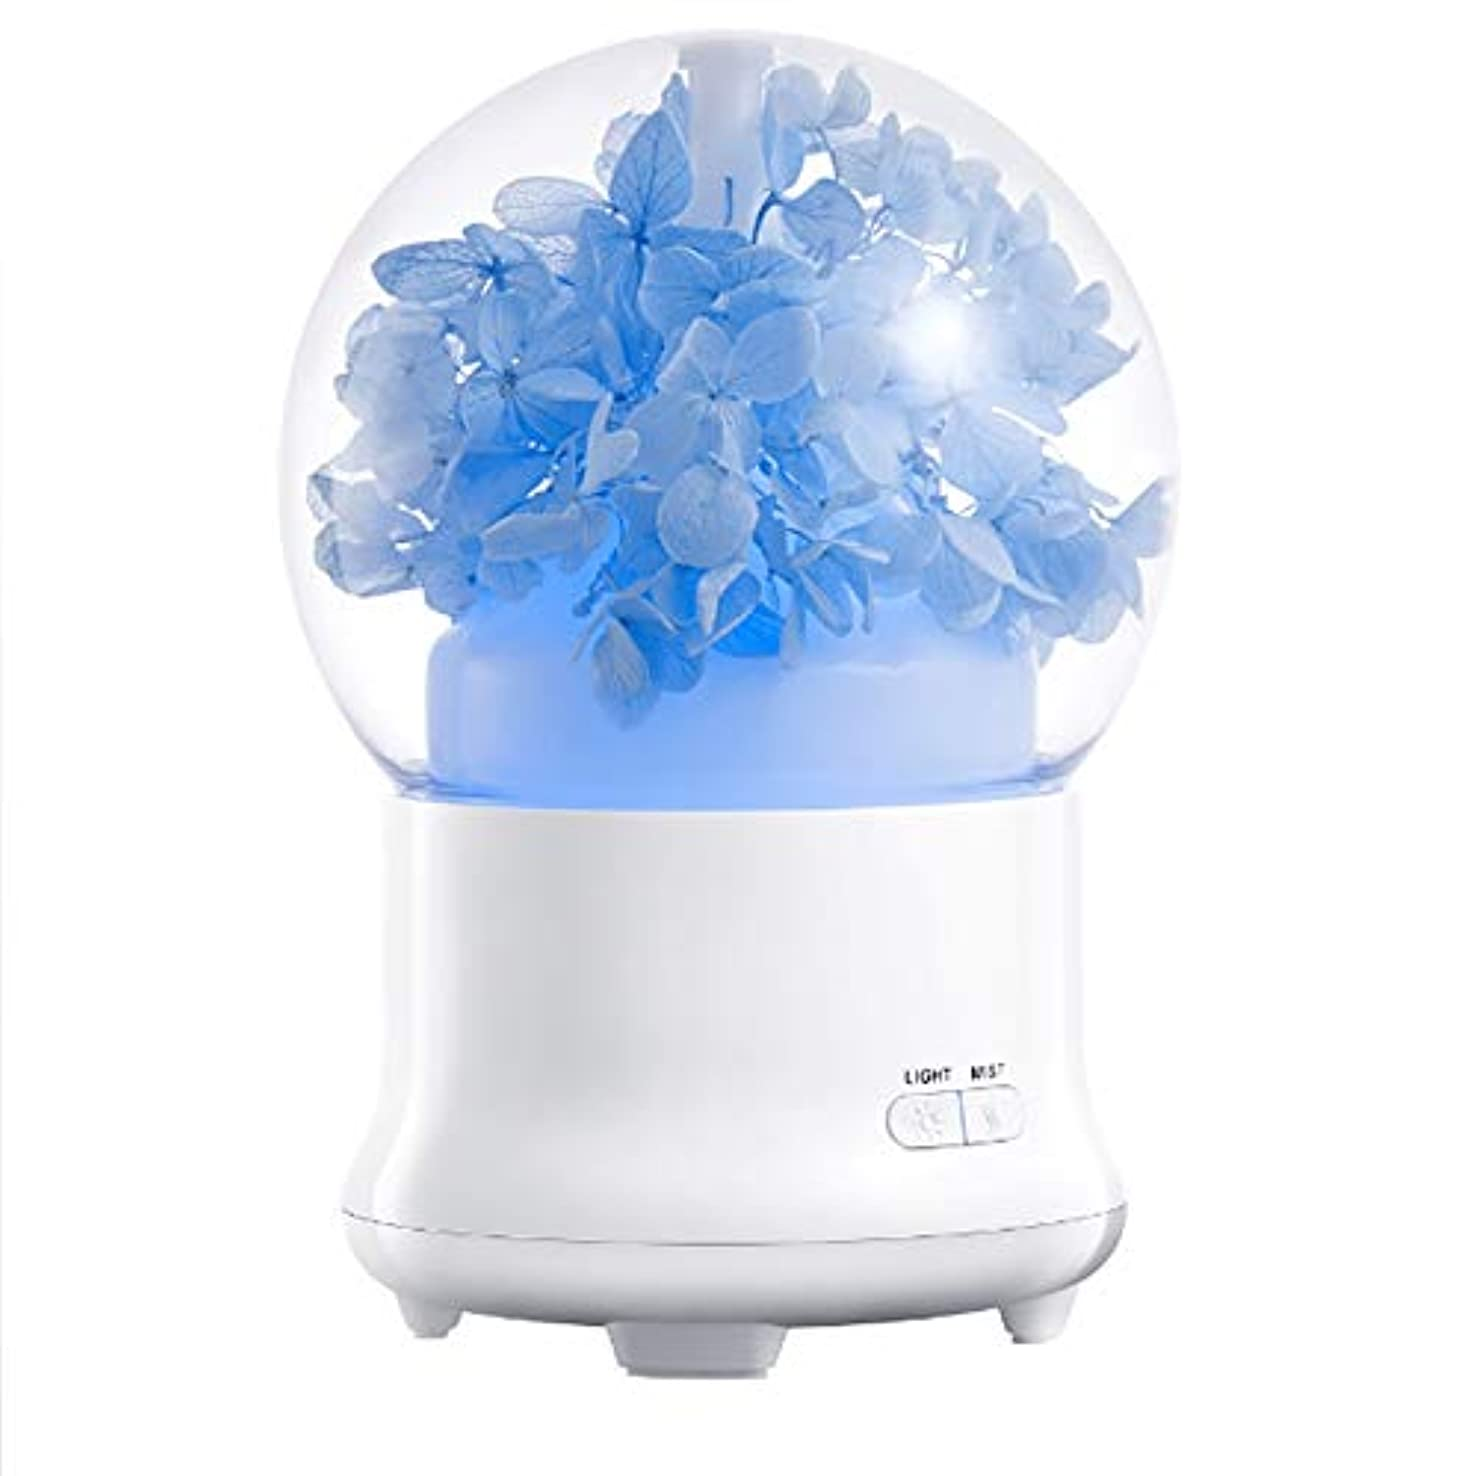 情熱連結するチャンバー100ml 加湿器アロマセラピーマシン永遠の花クリーンエアタイマーと自動オフ安全スイッチオフィスホームベッドルームリビングルームスタディヨガスパ USB 充電,1